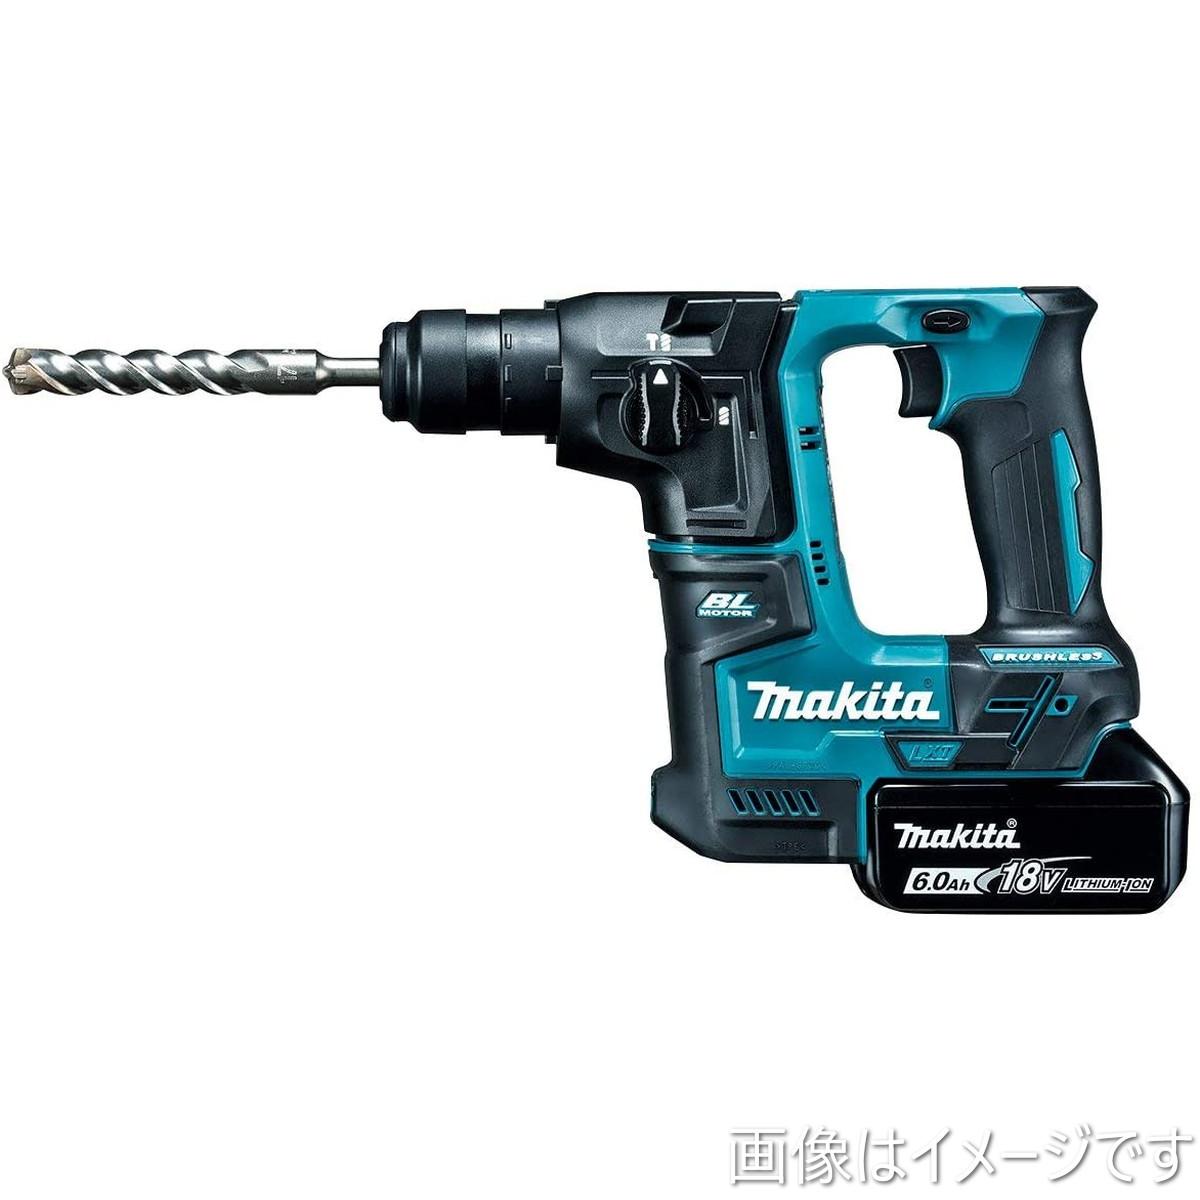 マキタ(Makita) 17ミリ充電式ハンマドリル 18V 6Ah バッテリ2本・充電器・ケース付 HR171DRGX